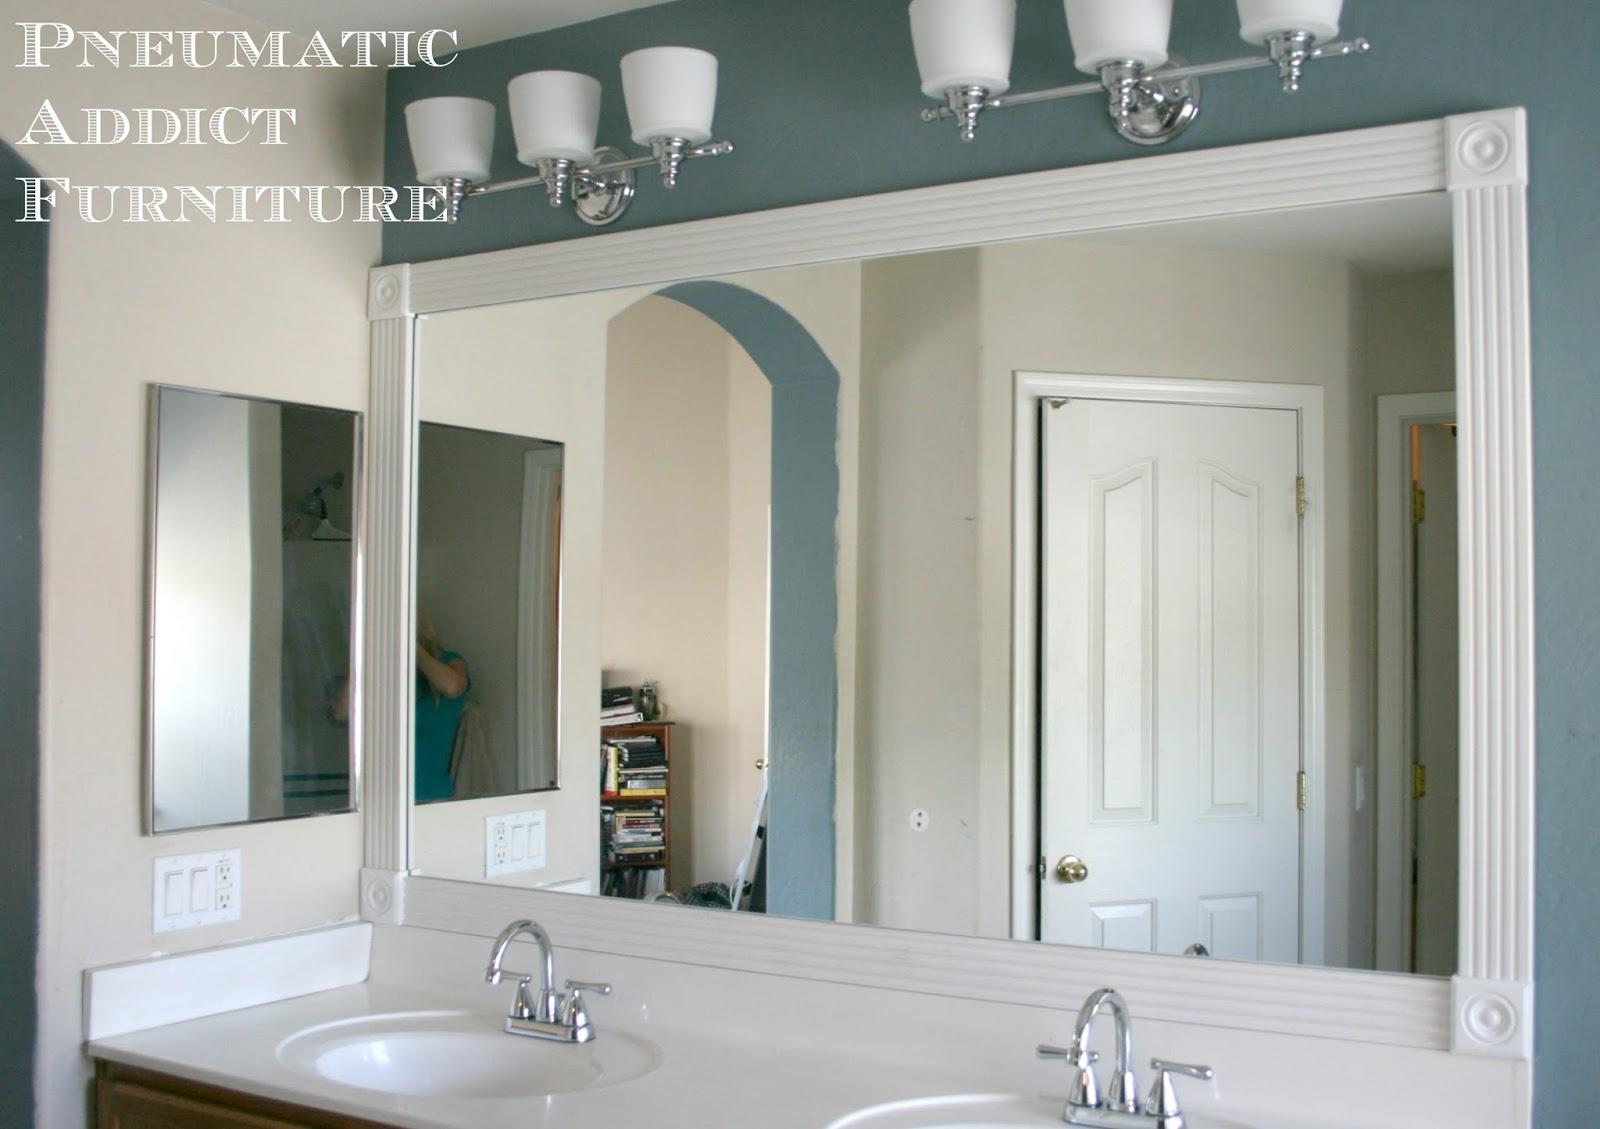 Putting Trim Around Bathroom Mirror